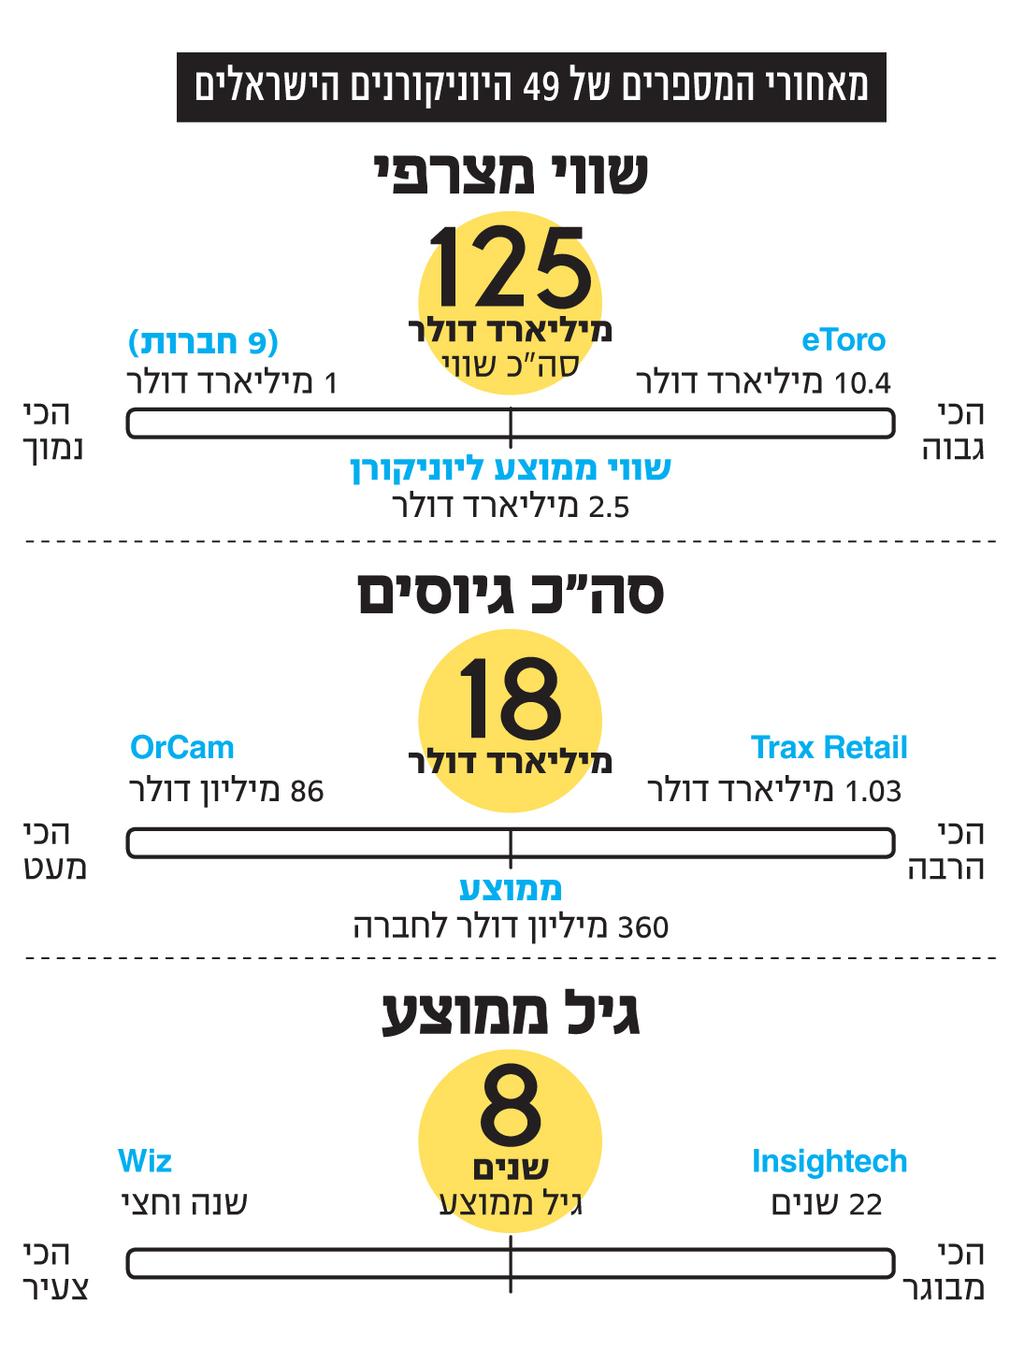 אינפו מאחורי המספרים של 49 היוניקורנים הישראלים